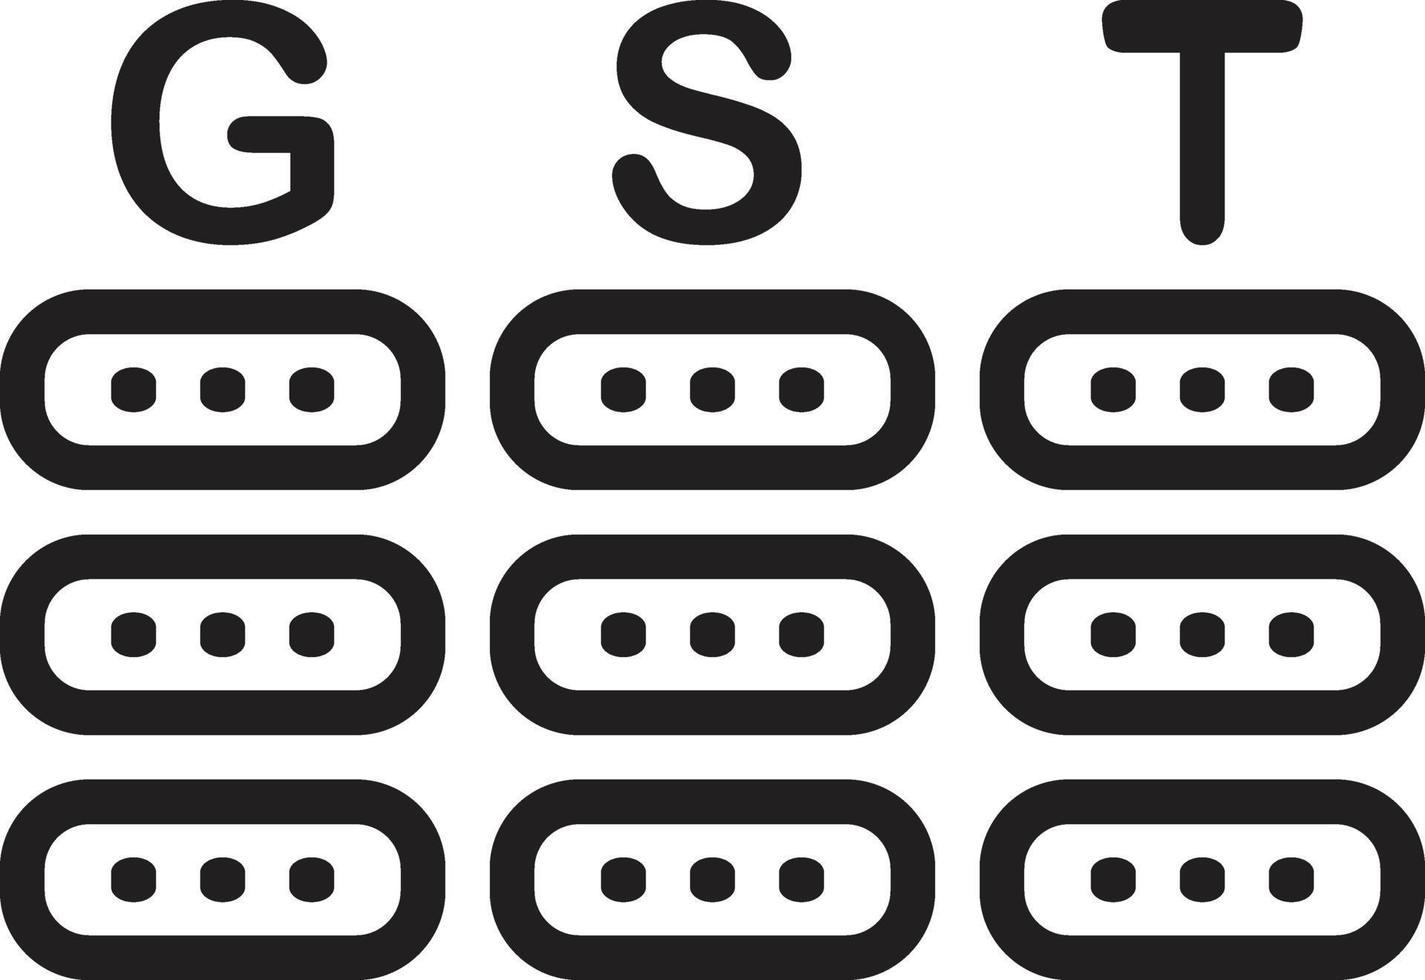 icône de ligne pour gst vecteur